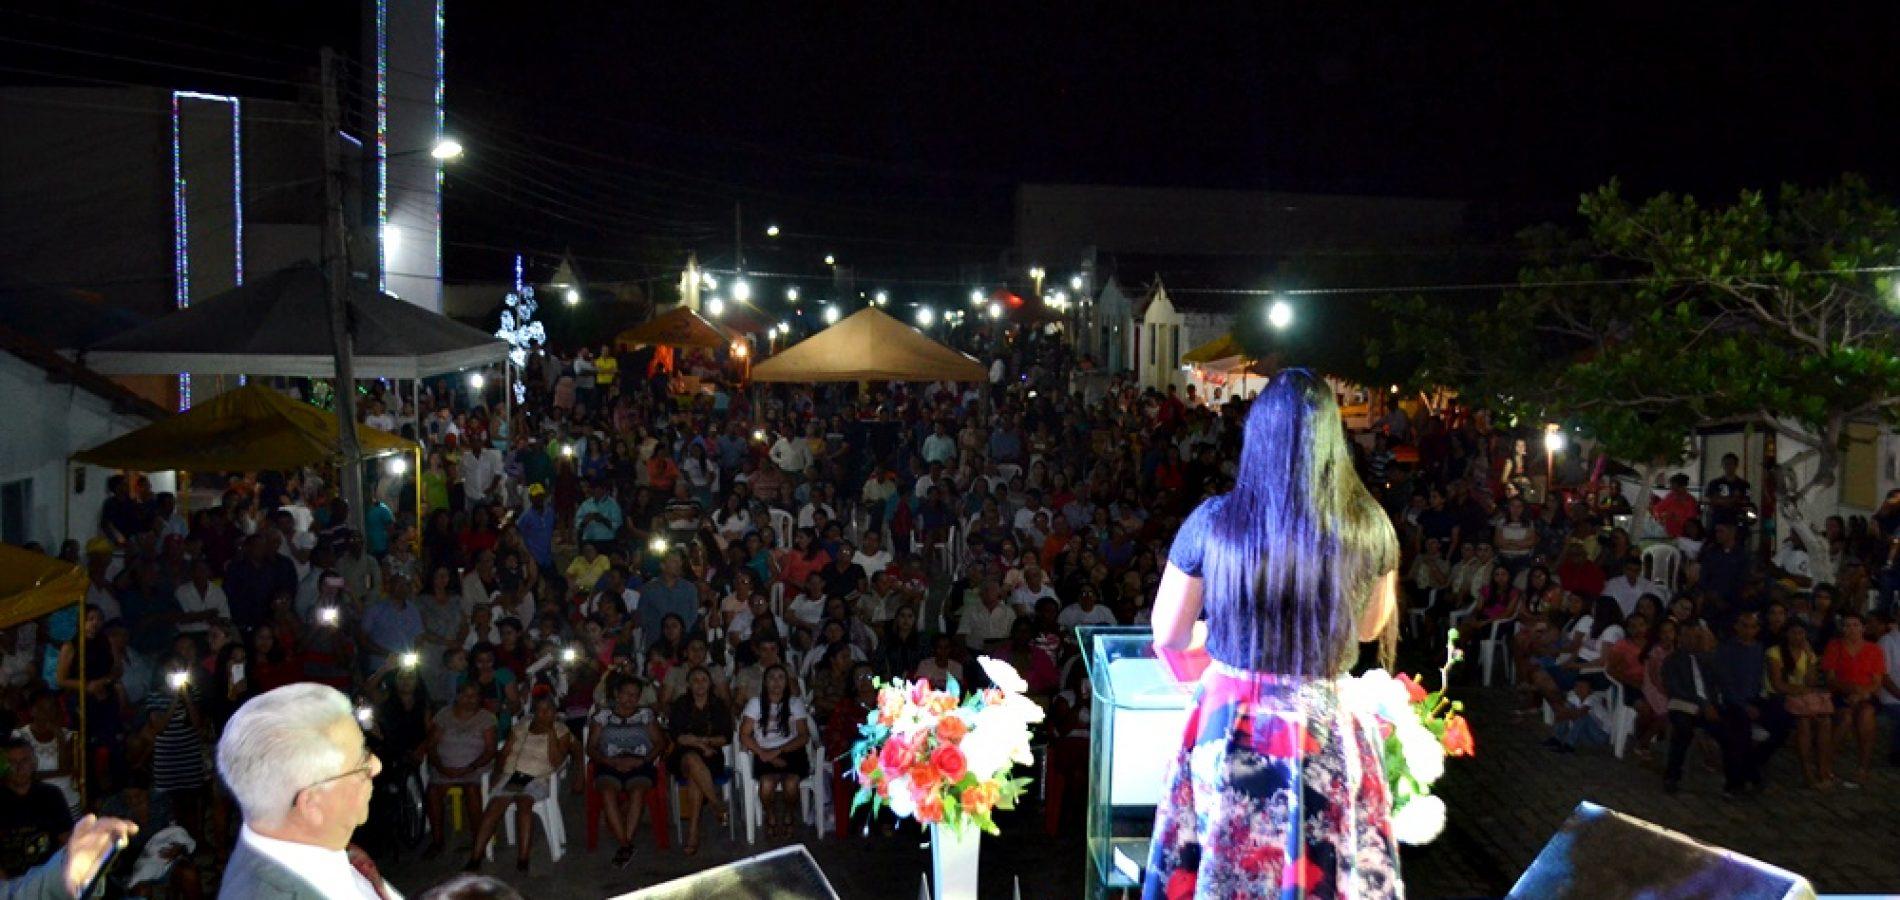 Igrejas celebram com sucesso o 'Dia do Evangélico' no 22º aniversário de Vila Nova do PI; veja fotos